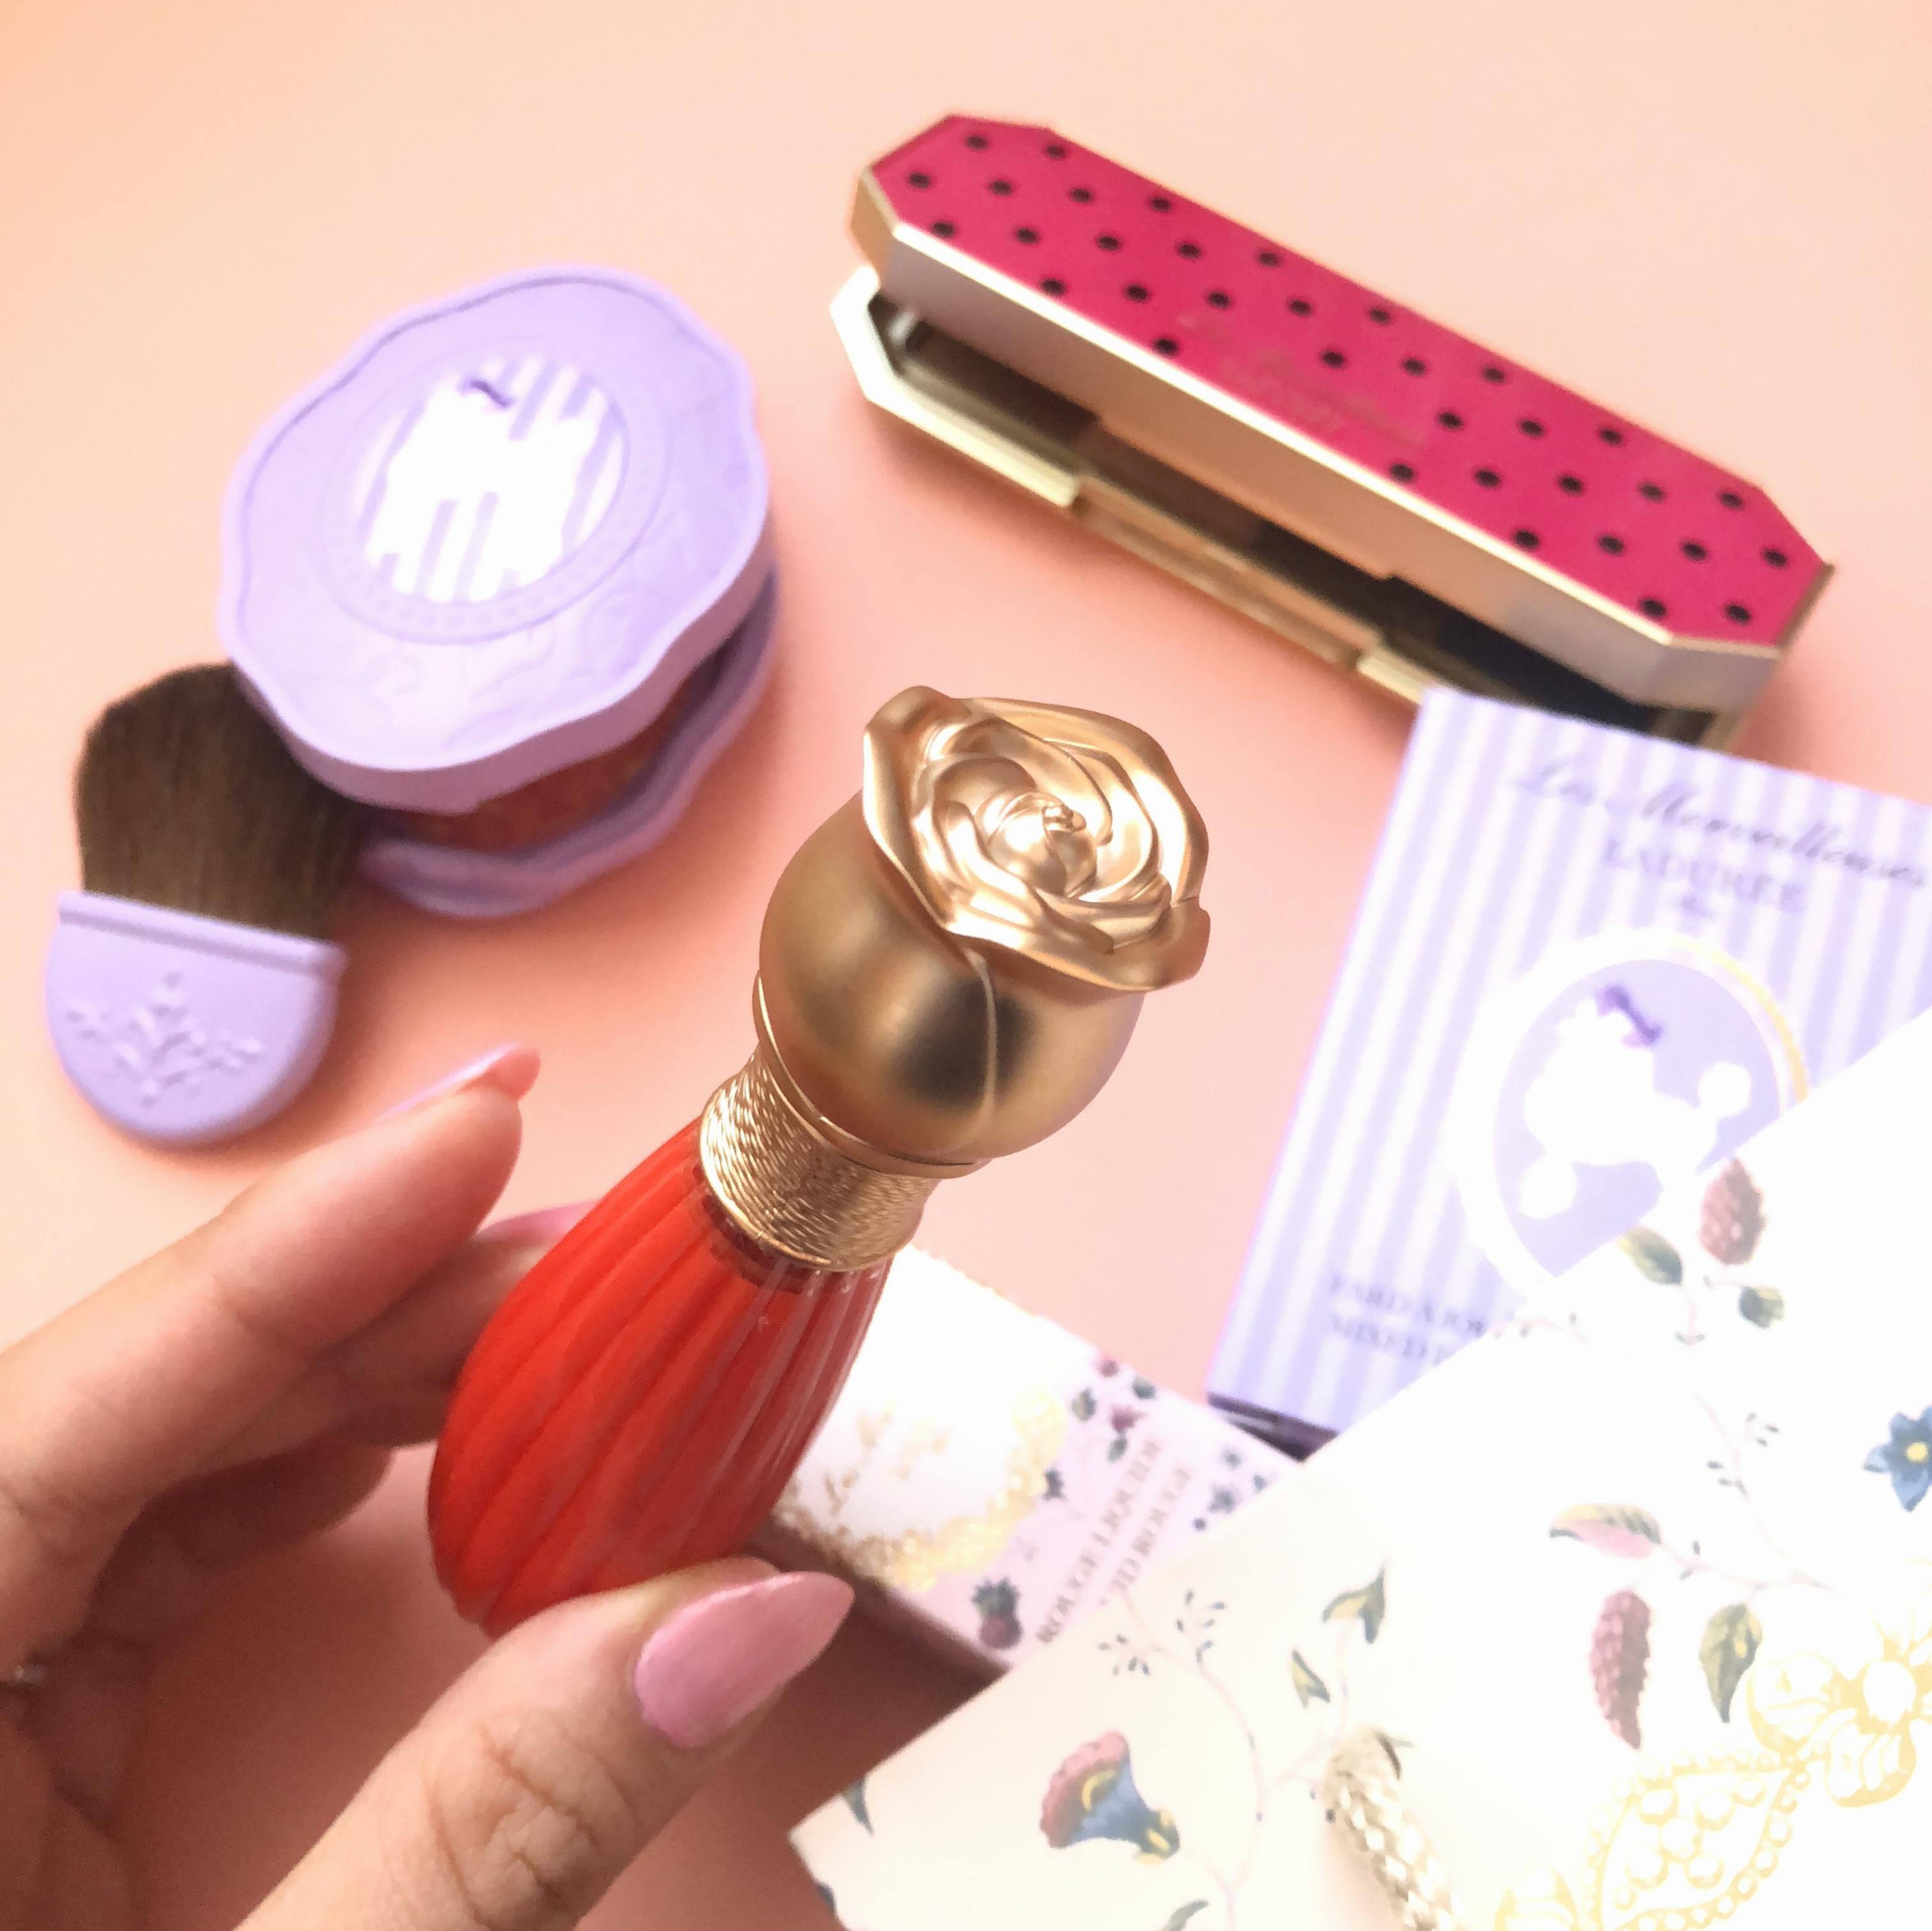 ライターゆうりがお試し♡ バラのキャップにトキめく『ラデュレ』新作コレクション!_1